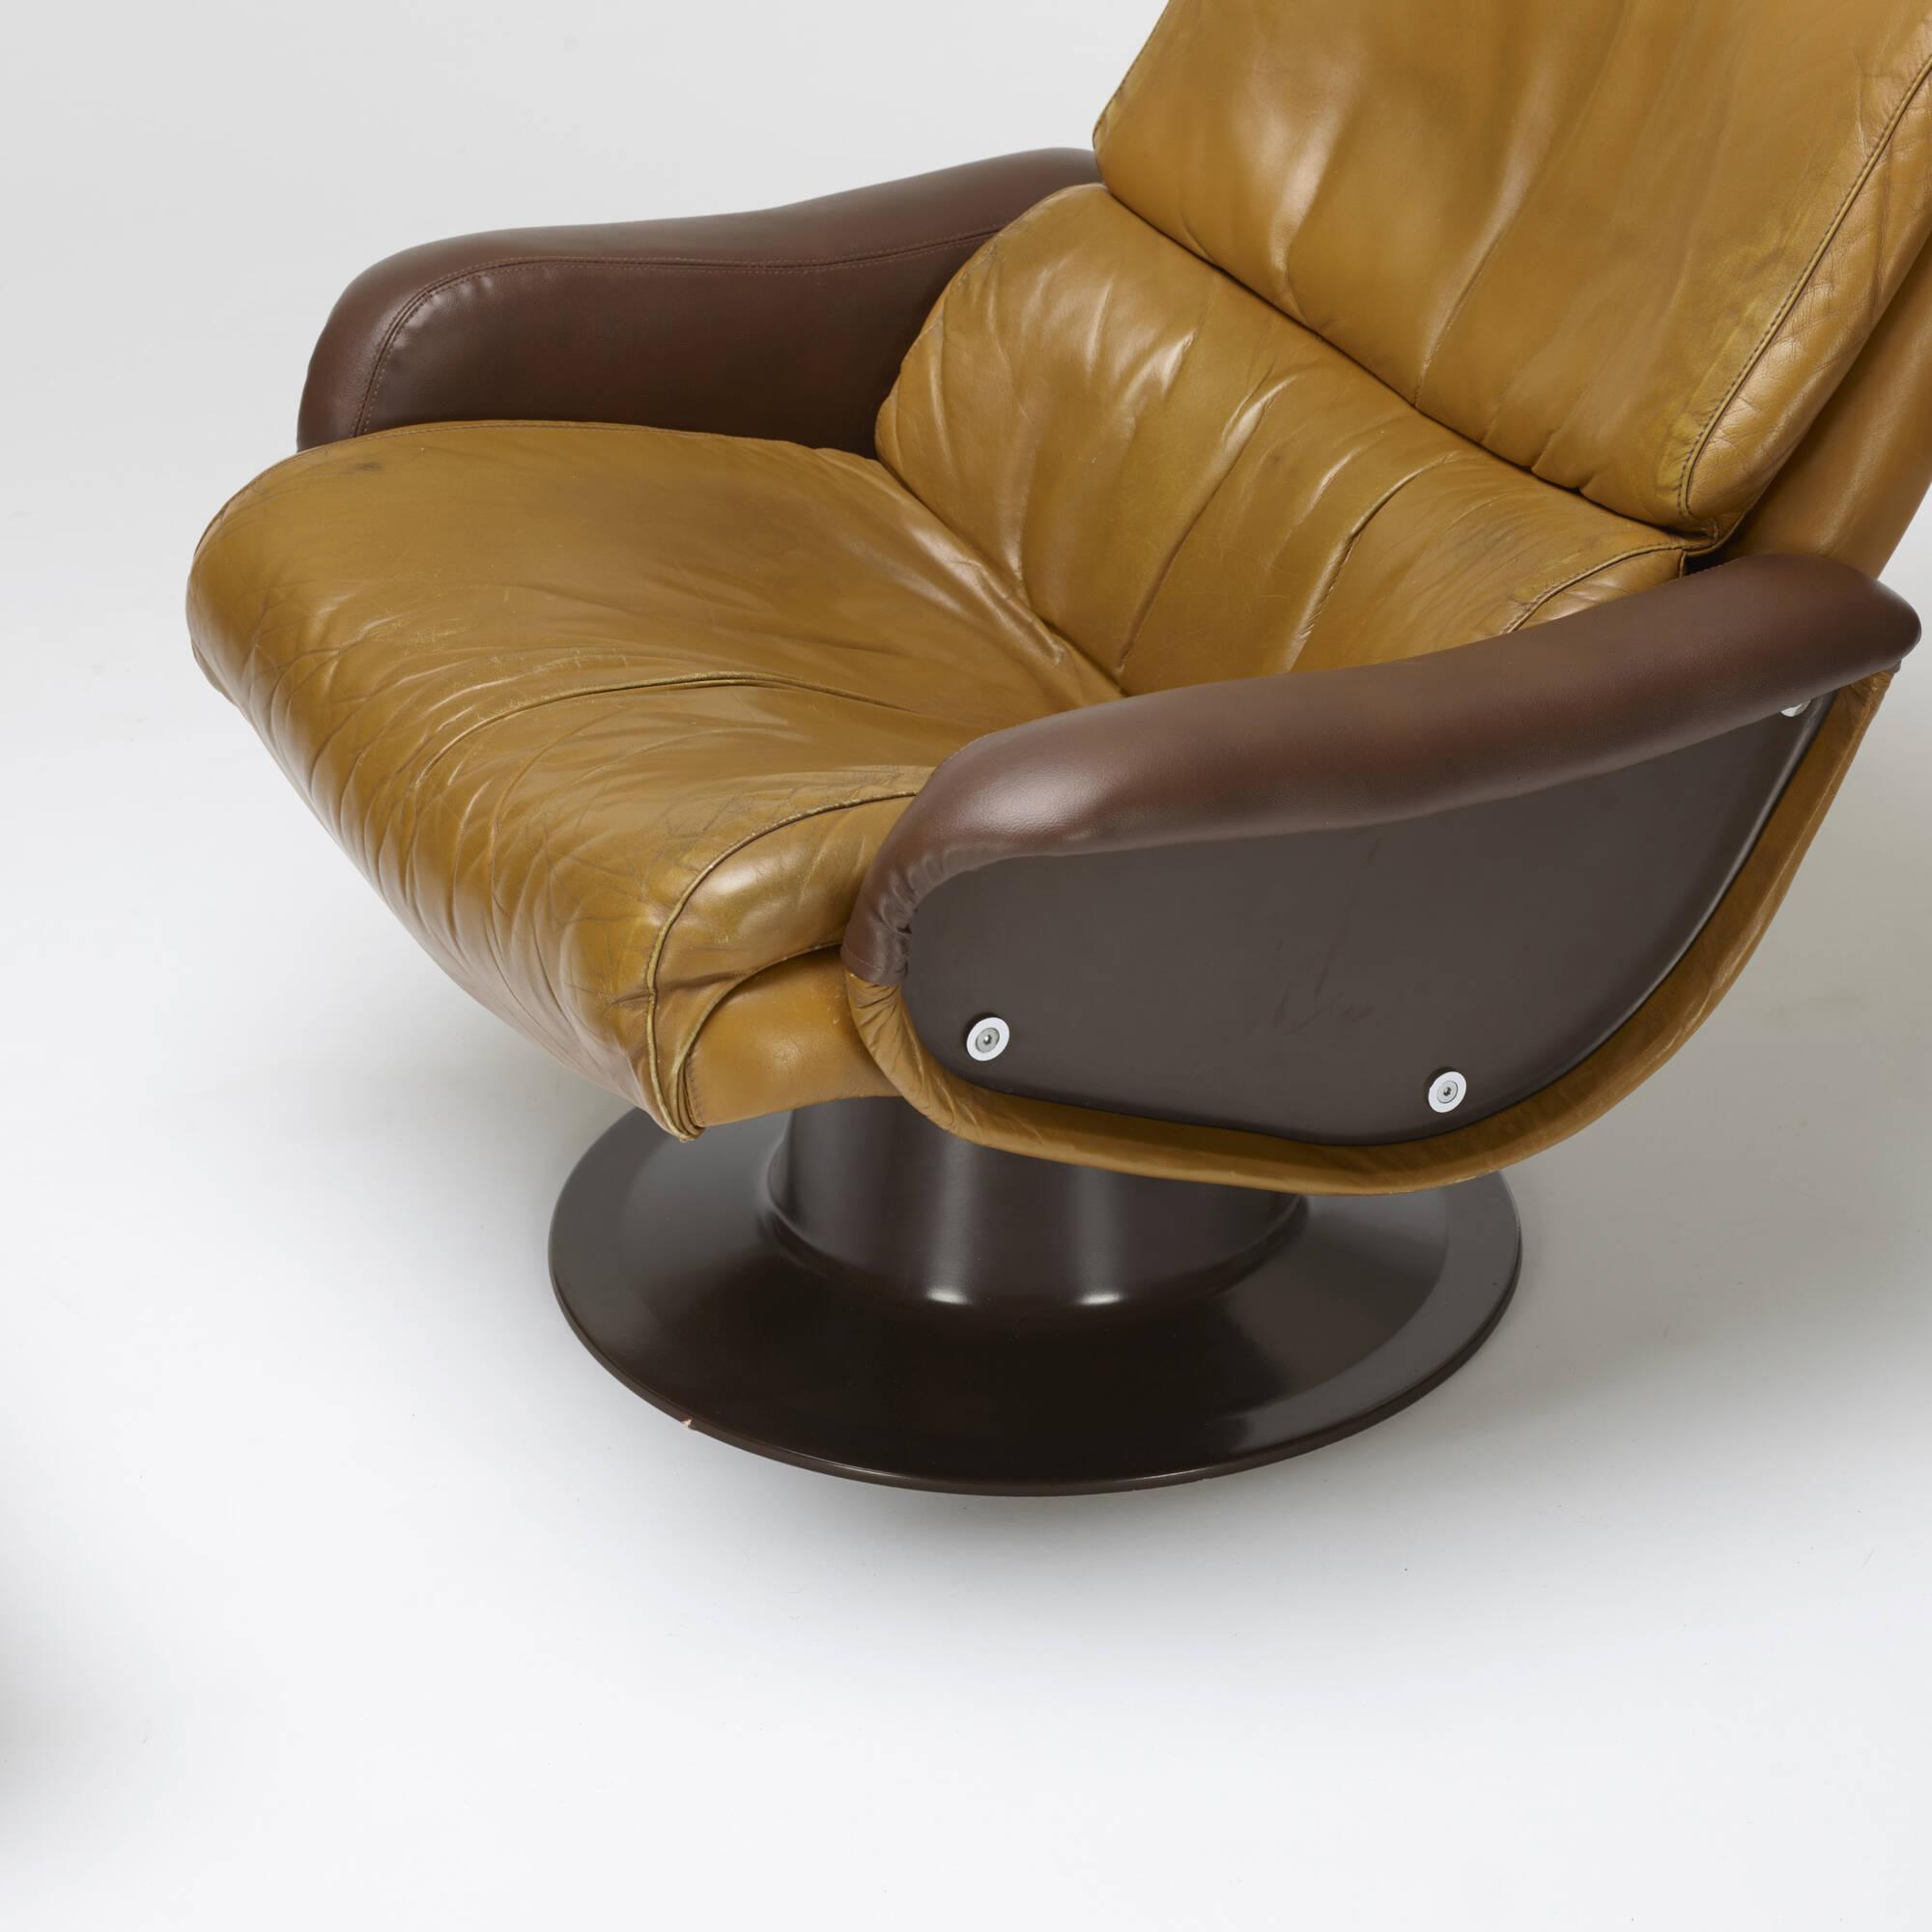 404: Yrjö Kukkapuro / Saturn lounge chair and ottoman (2 of 2)